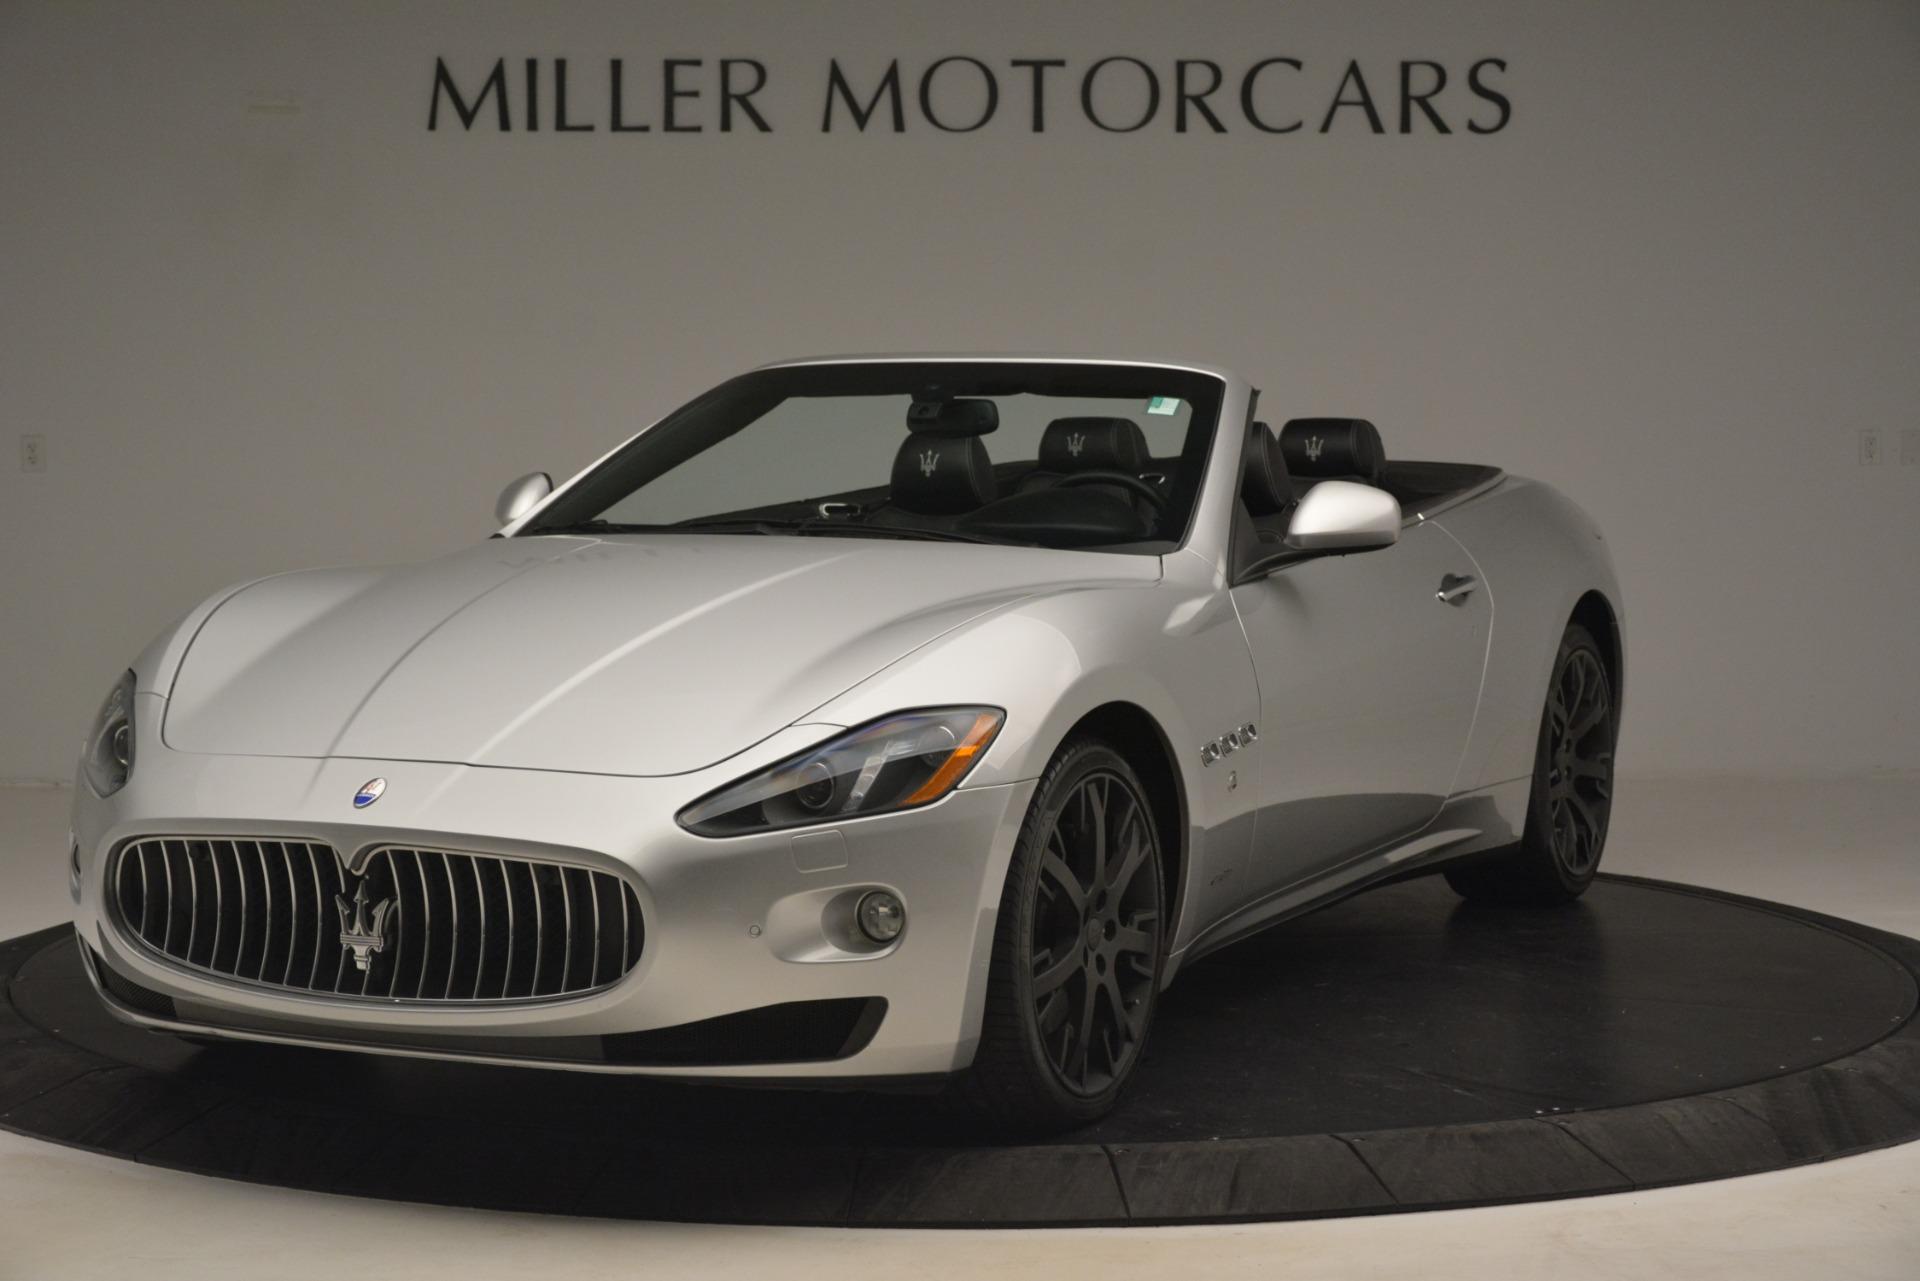 Used 2016 Maserati GranTurismo for sale Sold at Alfa Romeo of Westport in Westport CT 06880 1